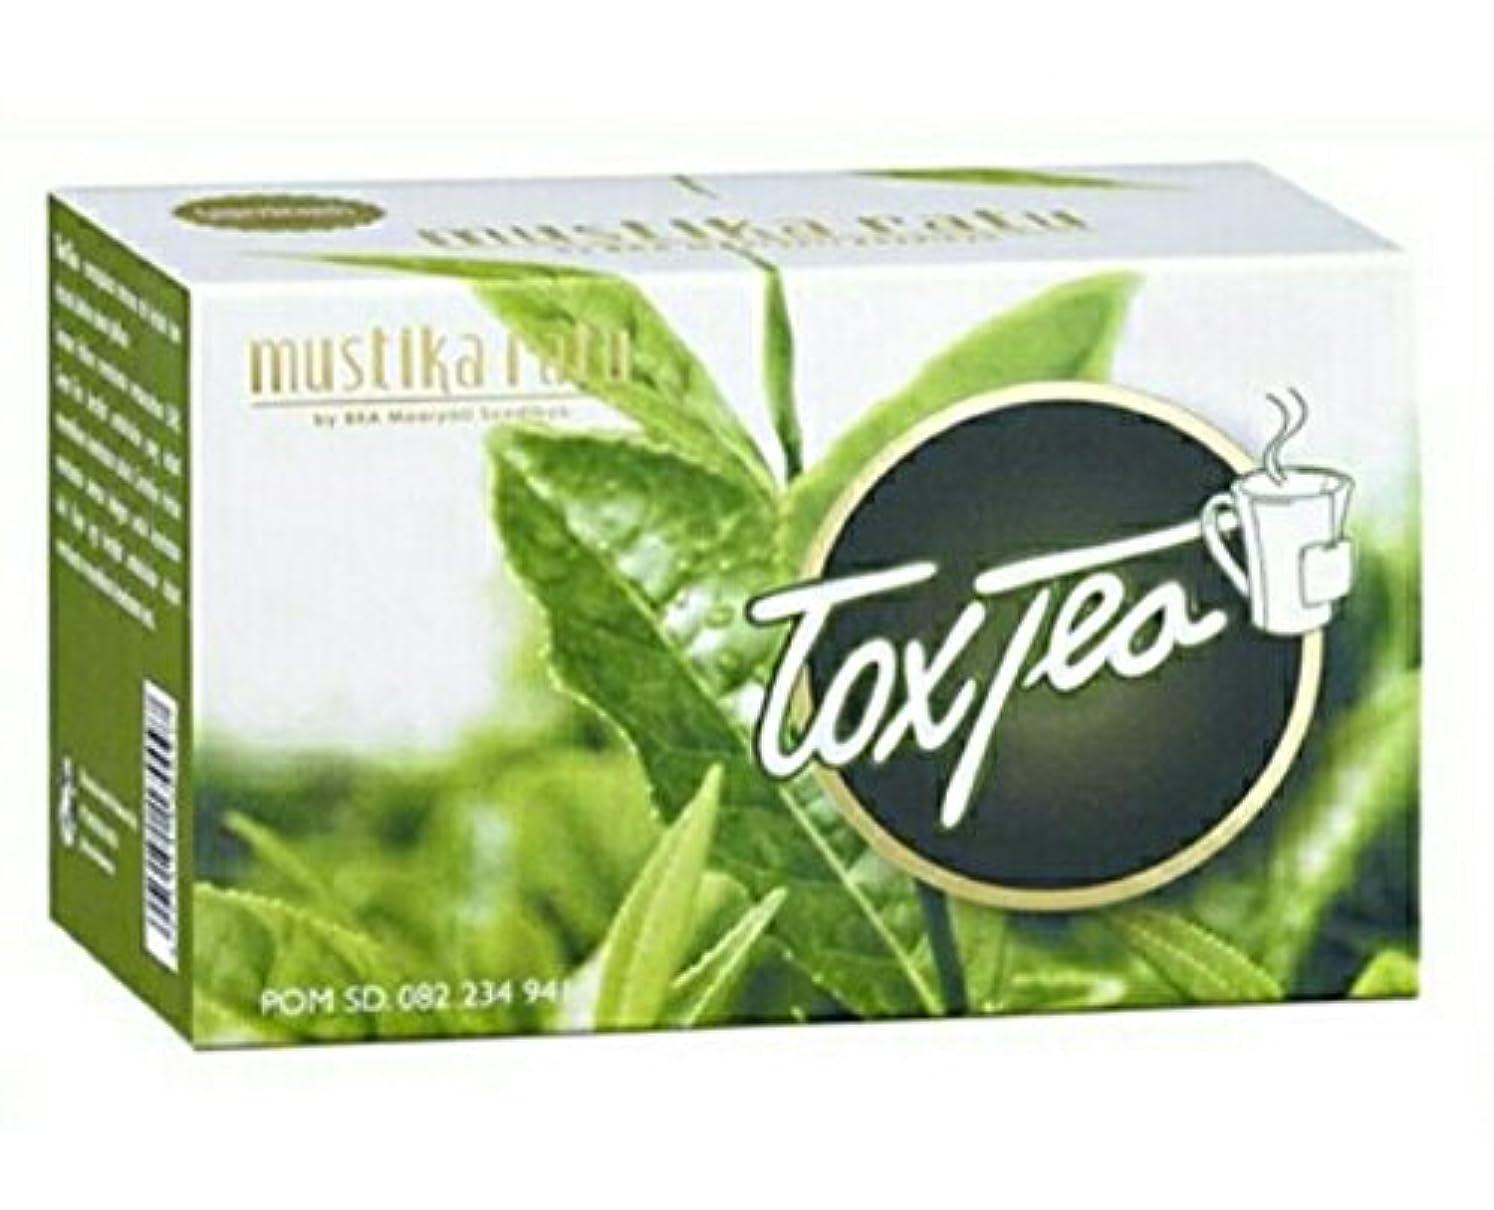 学校教育吸収剤反乱Mustika ratu Tea ムスティカラトゥトックスティー3箱x 15個のティーバッグ= 45個のティーバッグ